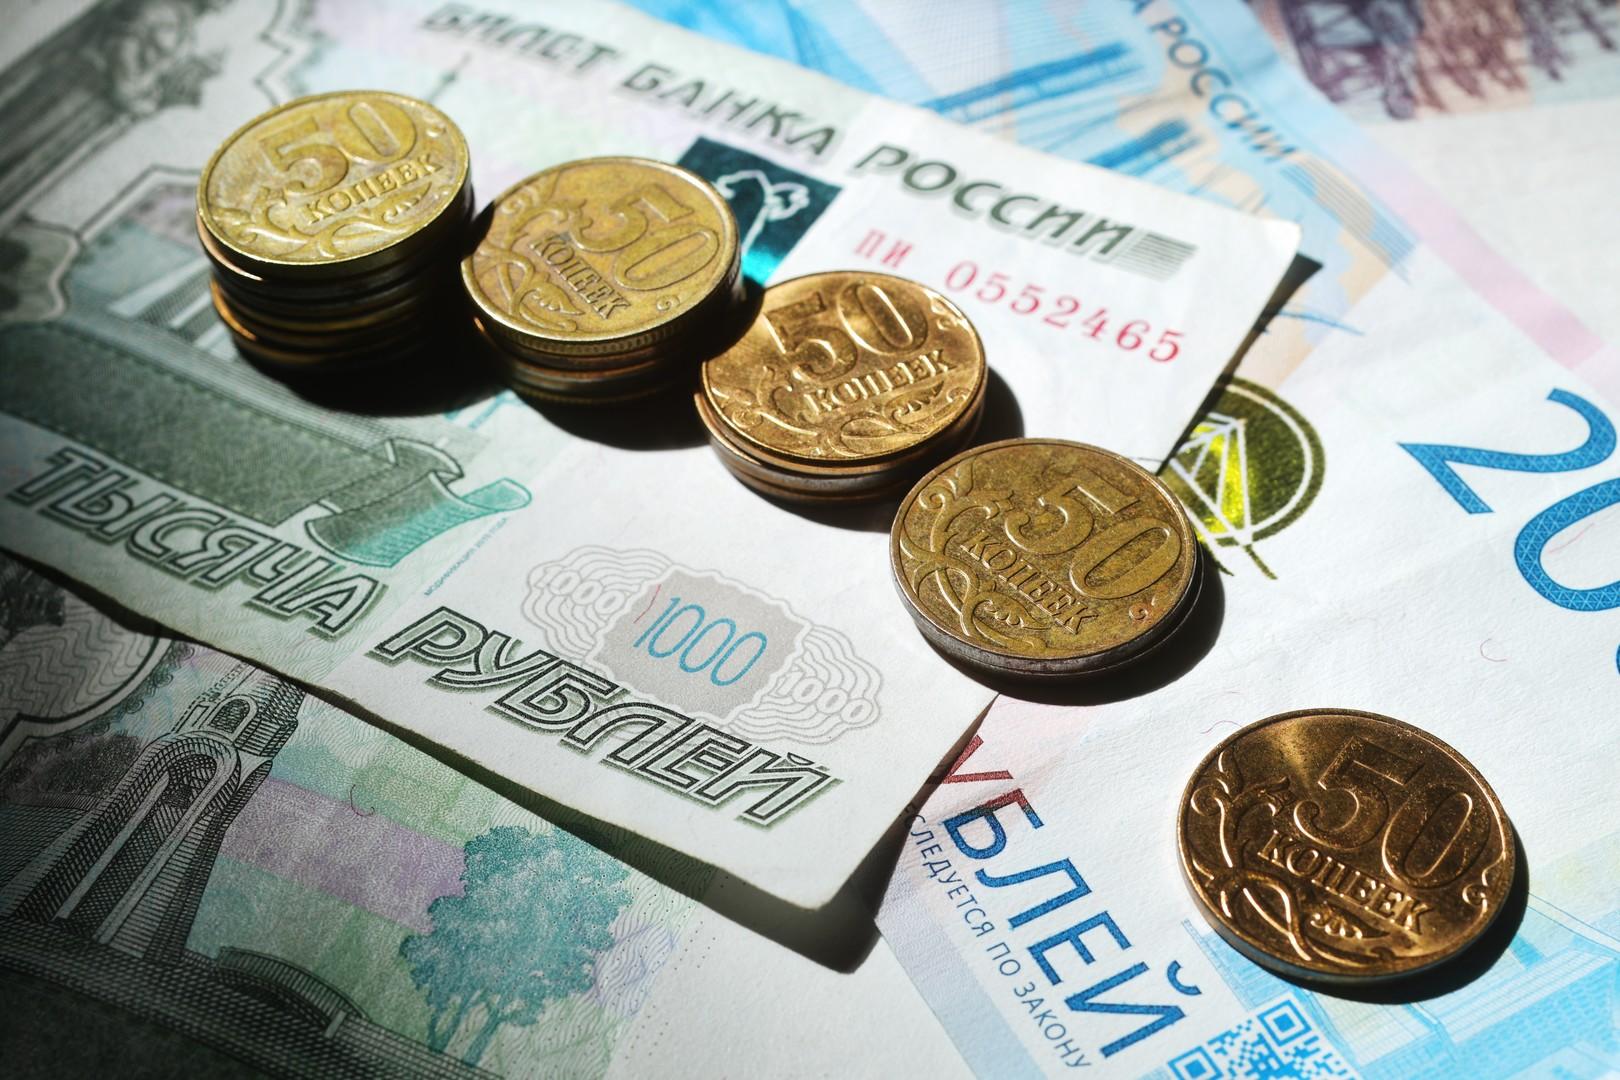 المركزي الروسي يخفض سعر الفائدة مجددا